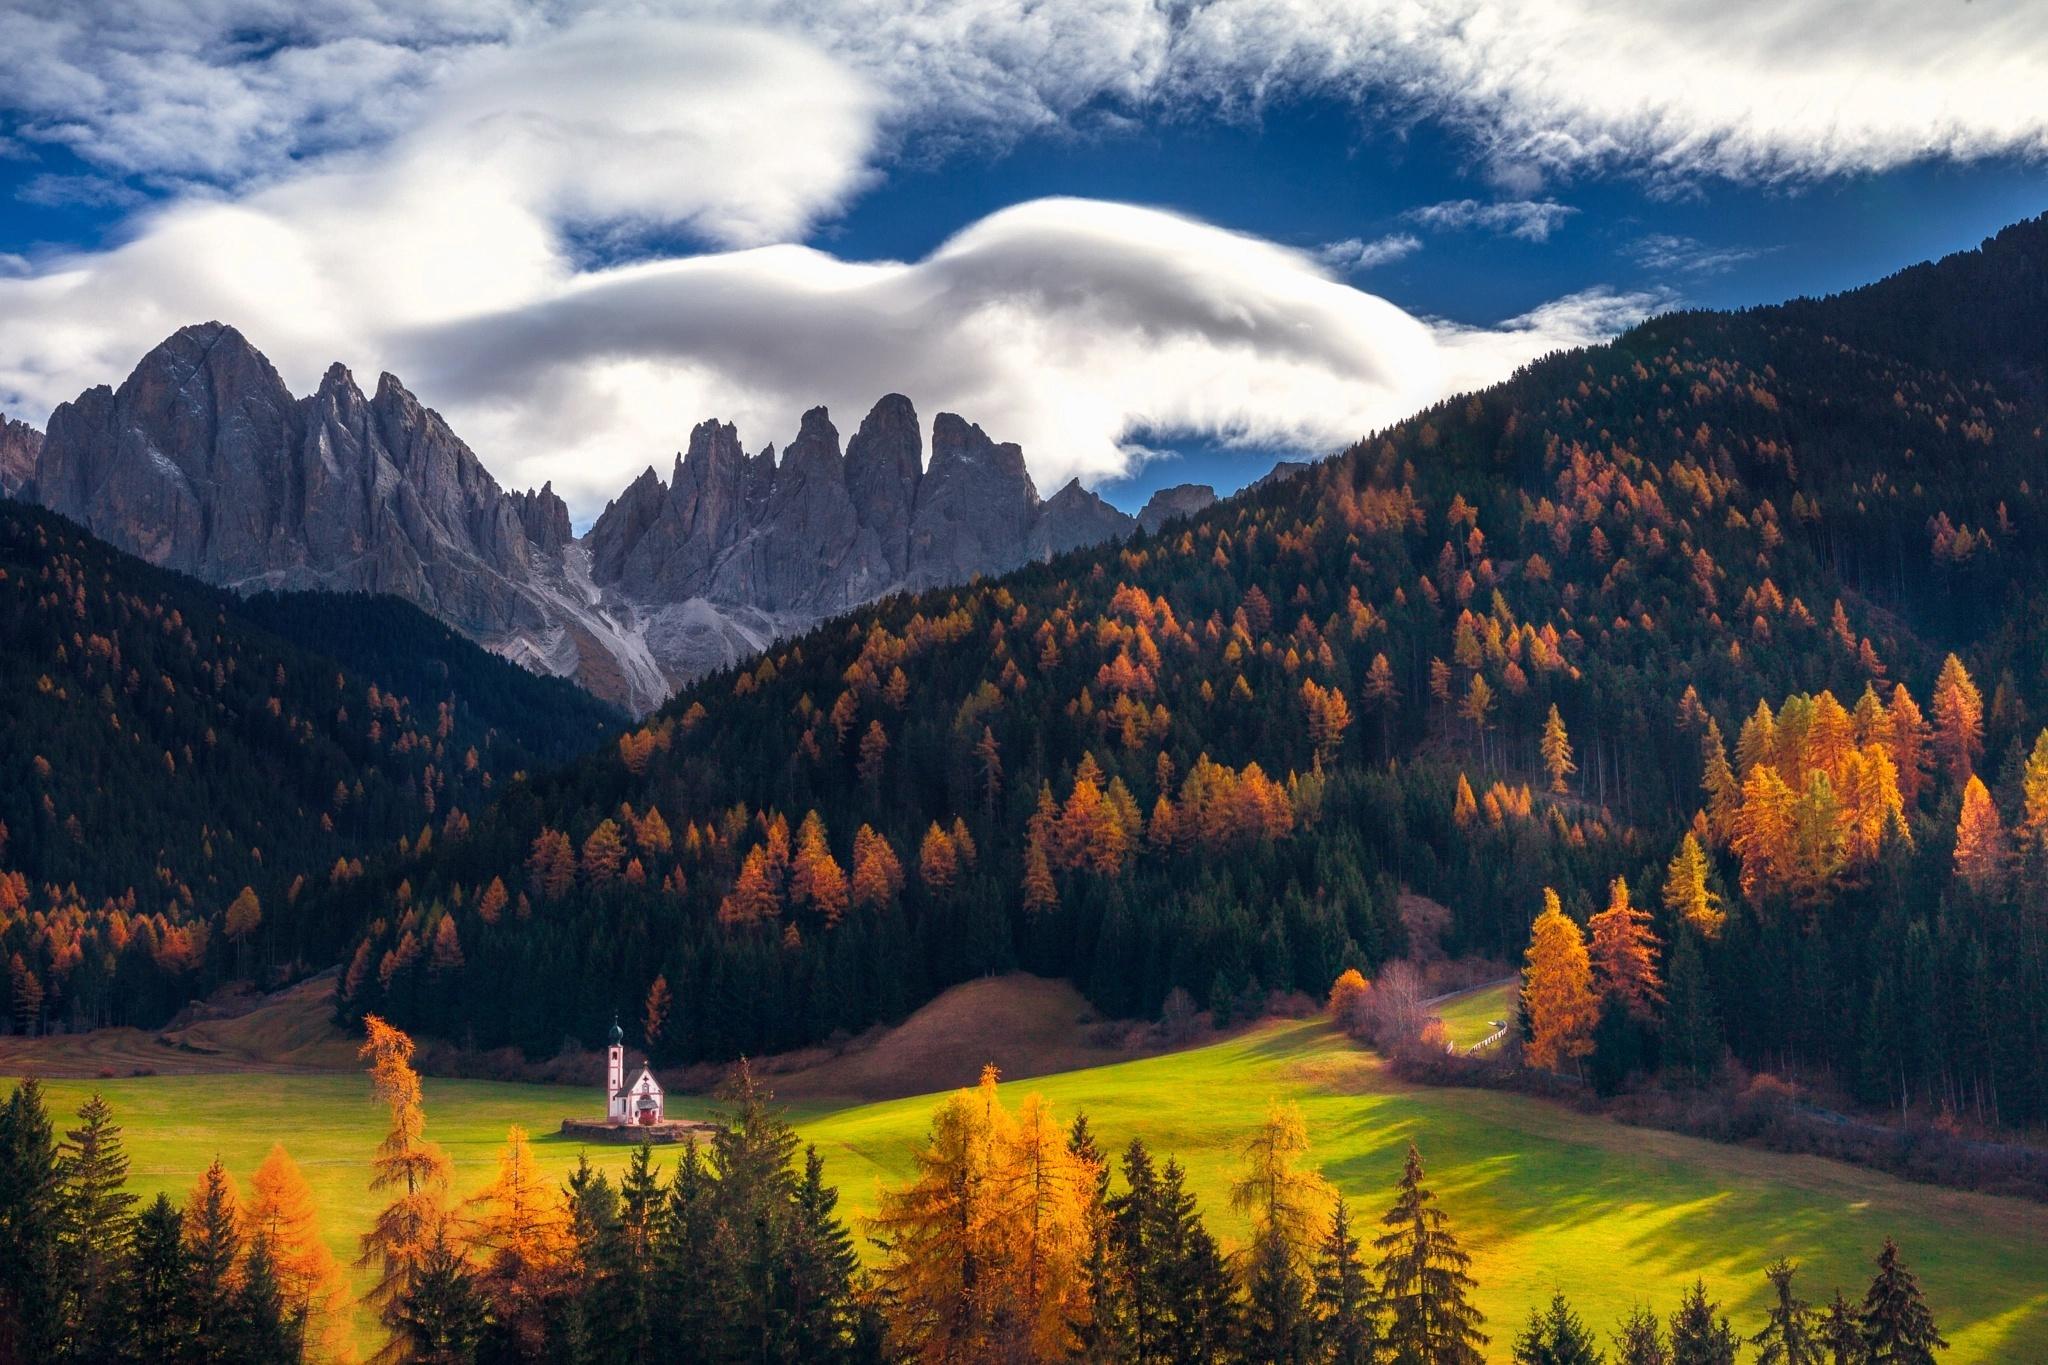 фото картинки природа в горах осень новости соборная площадь